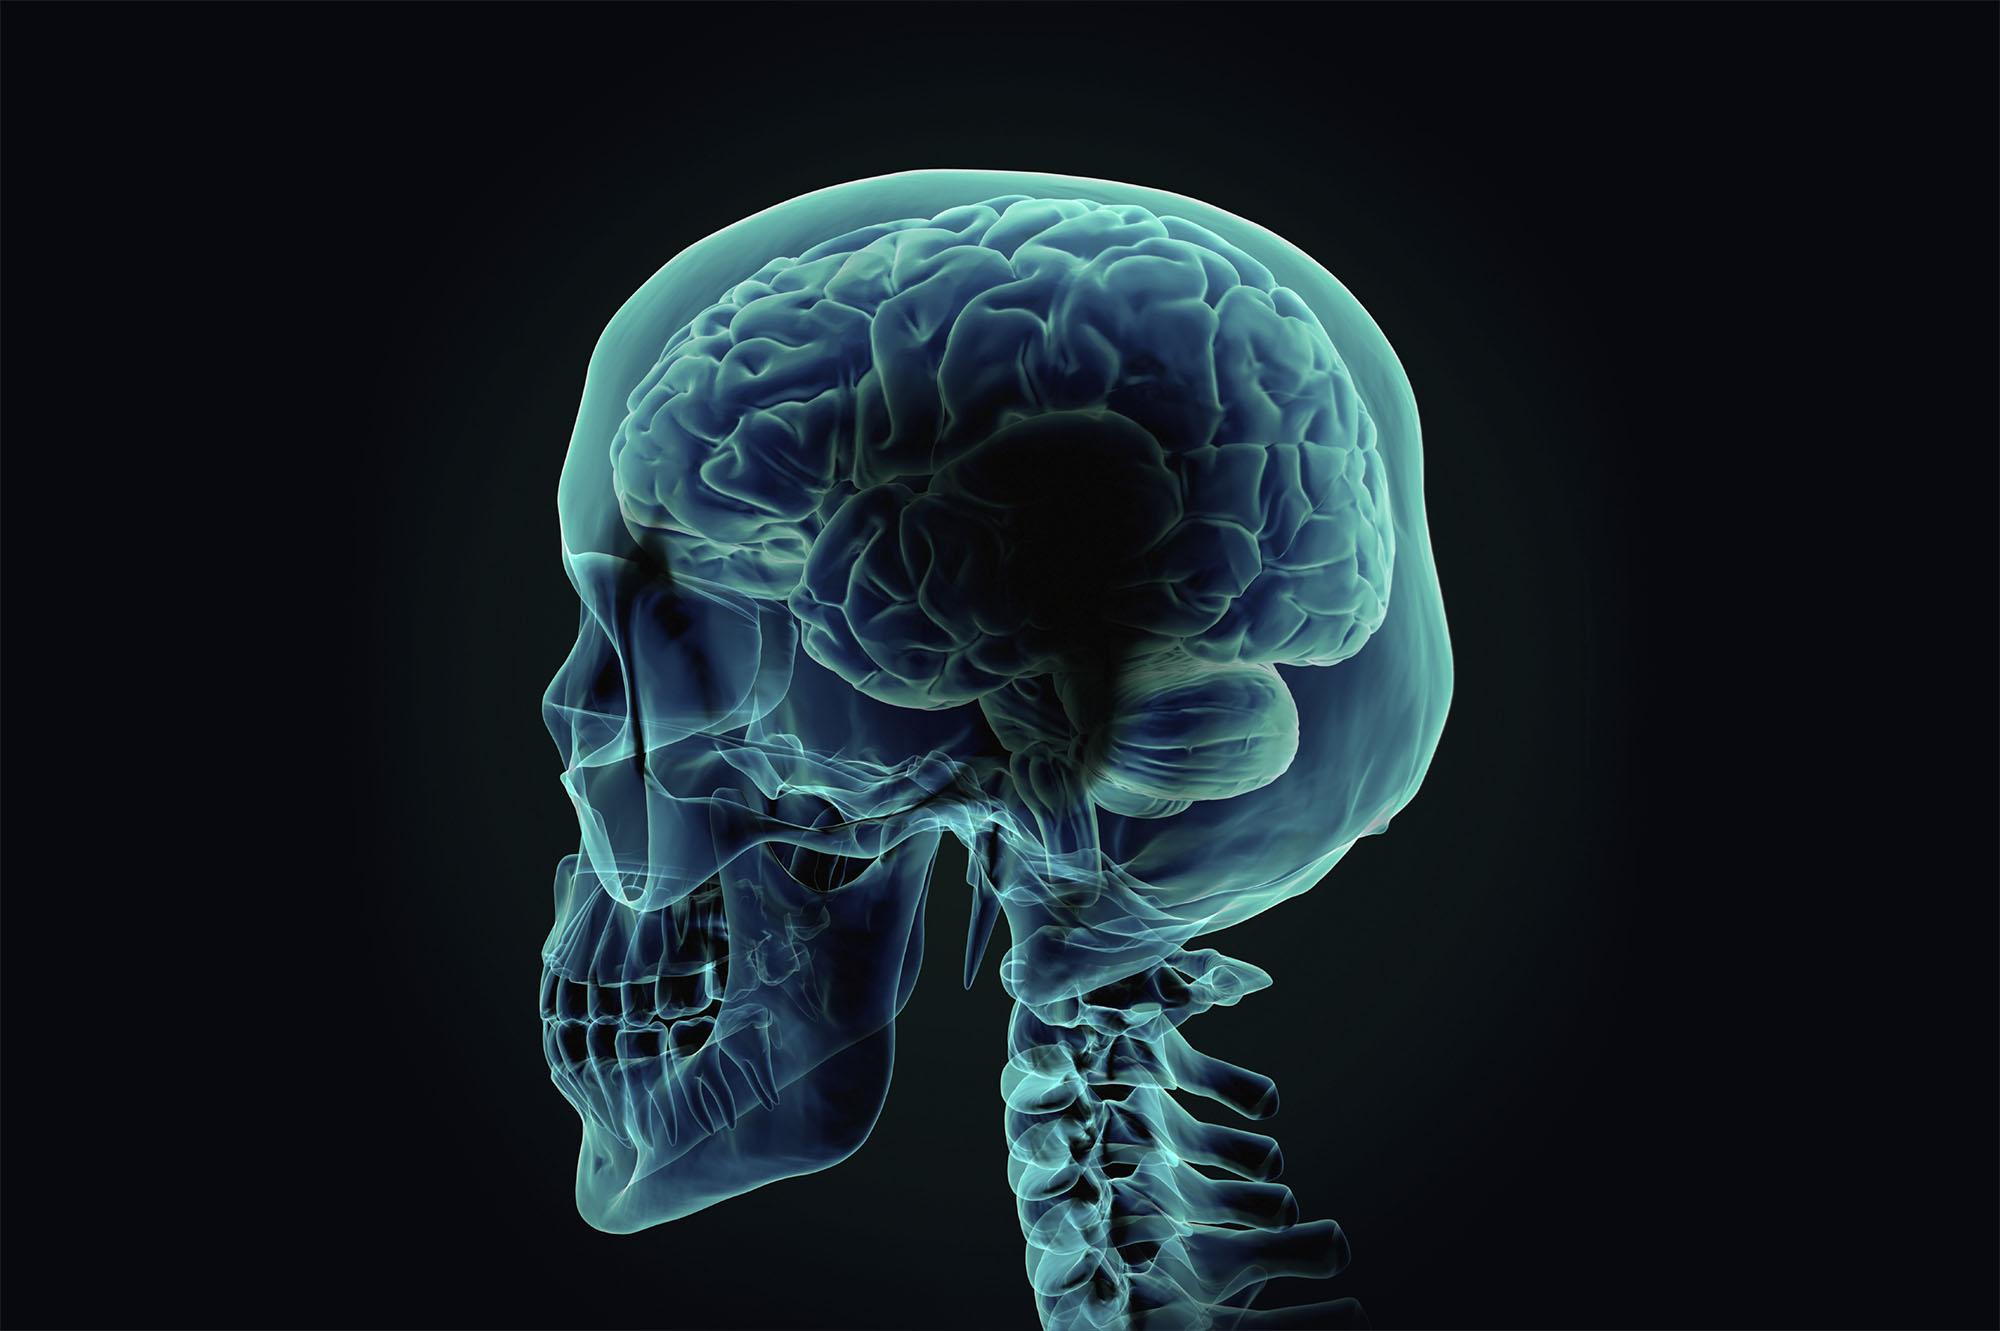 x ray definition – slushtokyo, Human Body